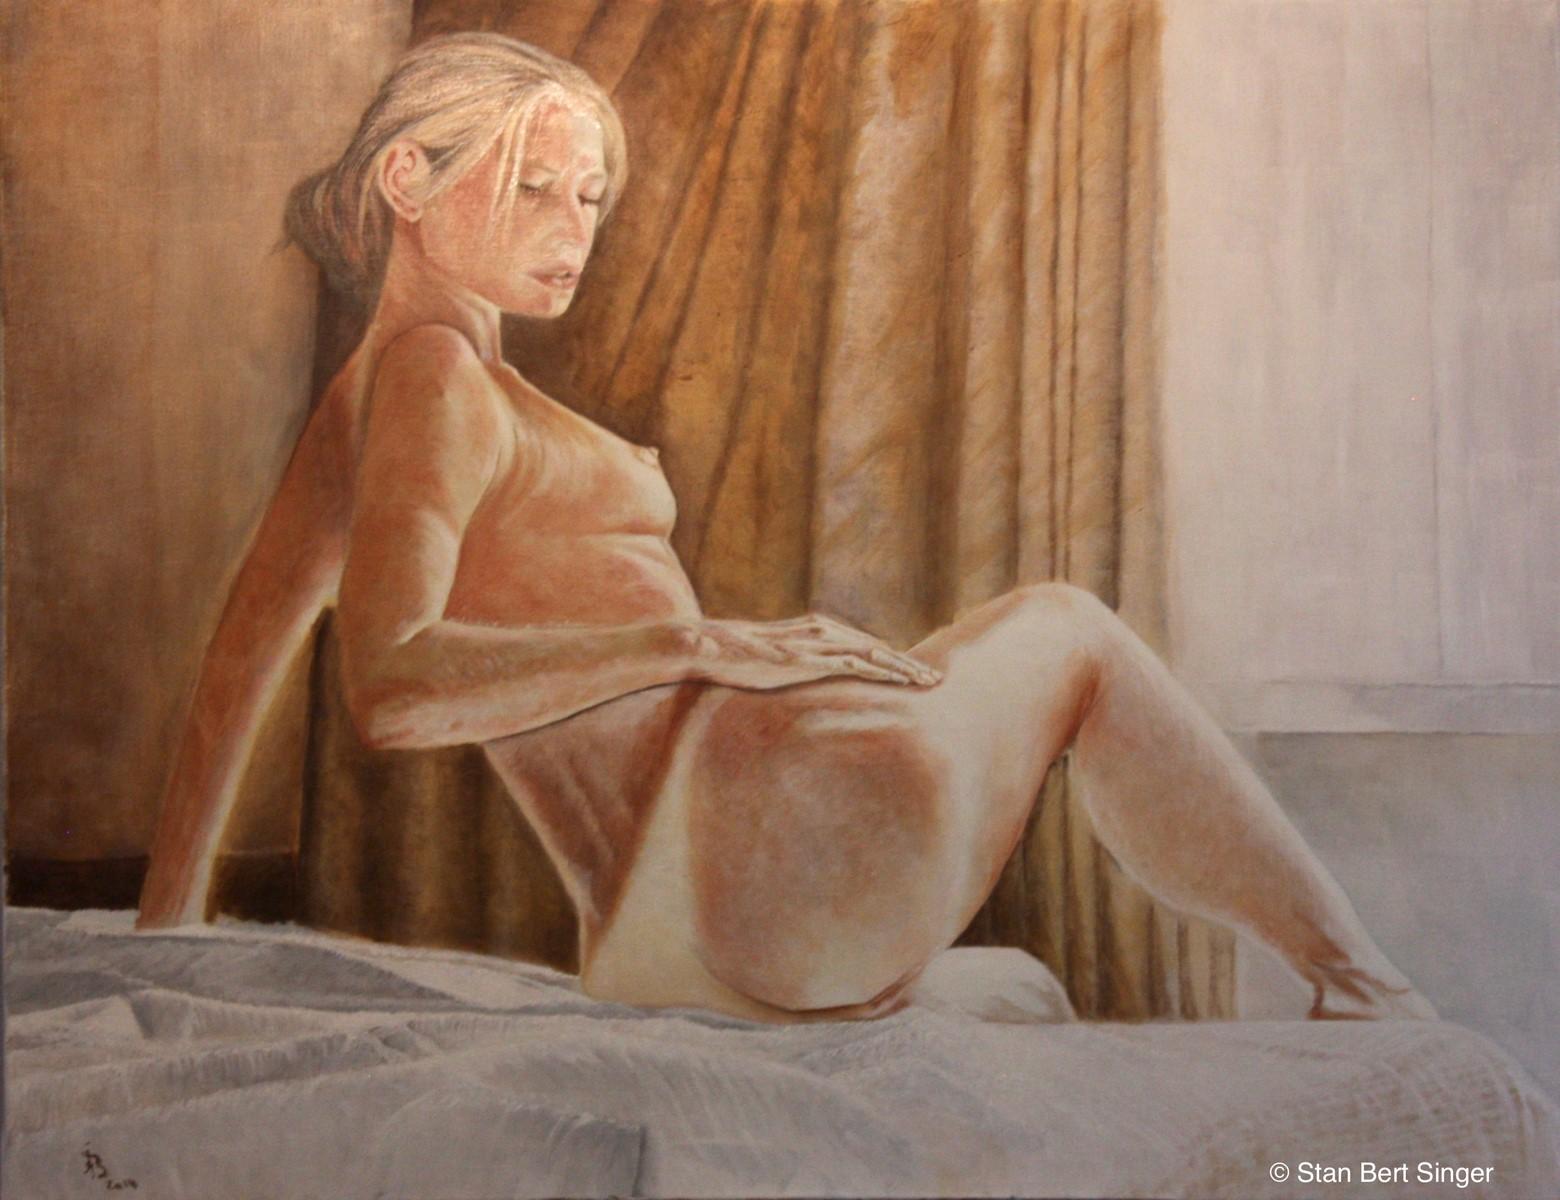 """Stan Bert Singer: """"Neben meinen Auftragsarbeiten und Porträts stellen meine Bilder die Schönheit, den Geist aber auchdas Leiden der Frau dar. (Foto Stan Bert Singer)"""